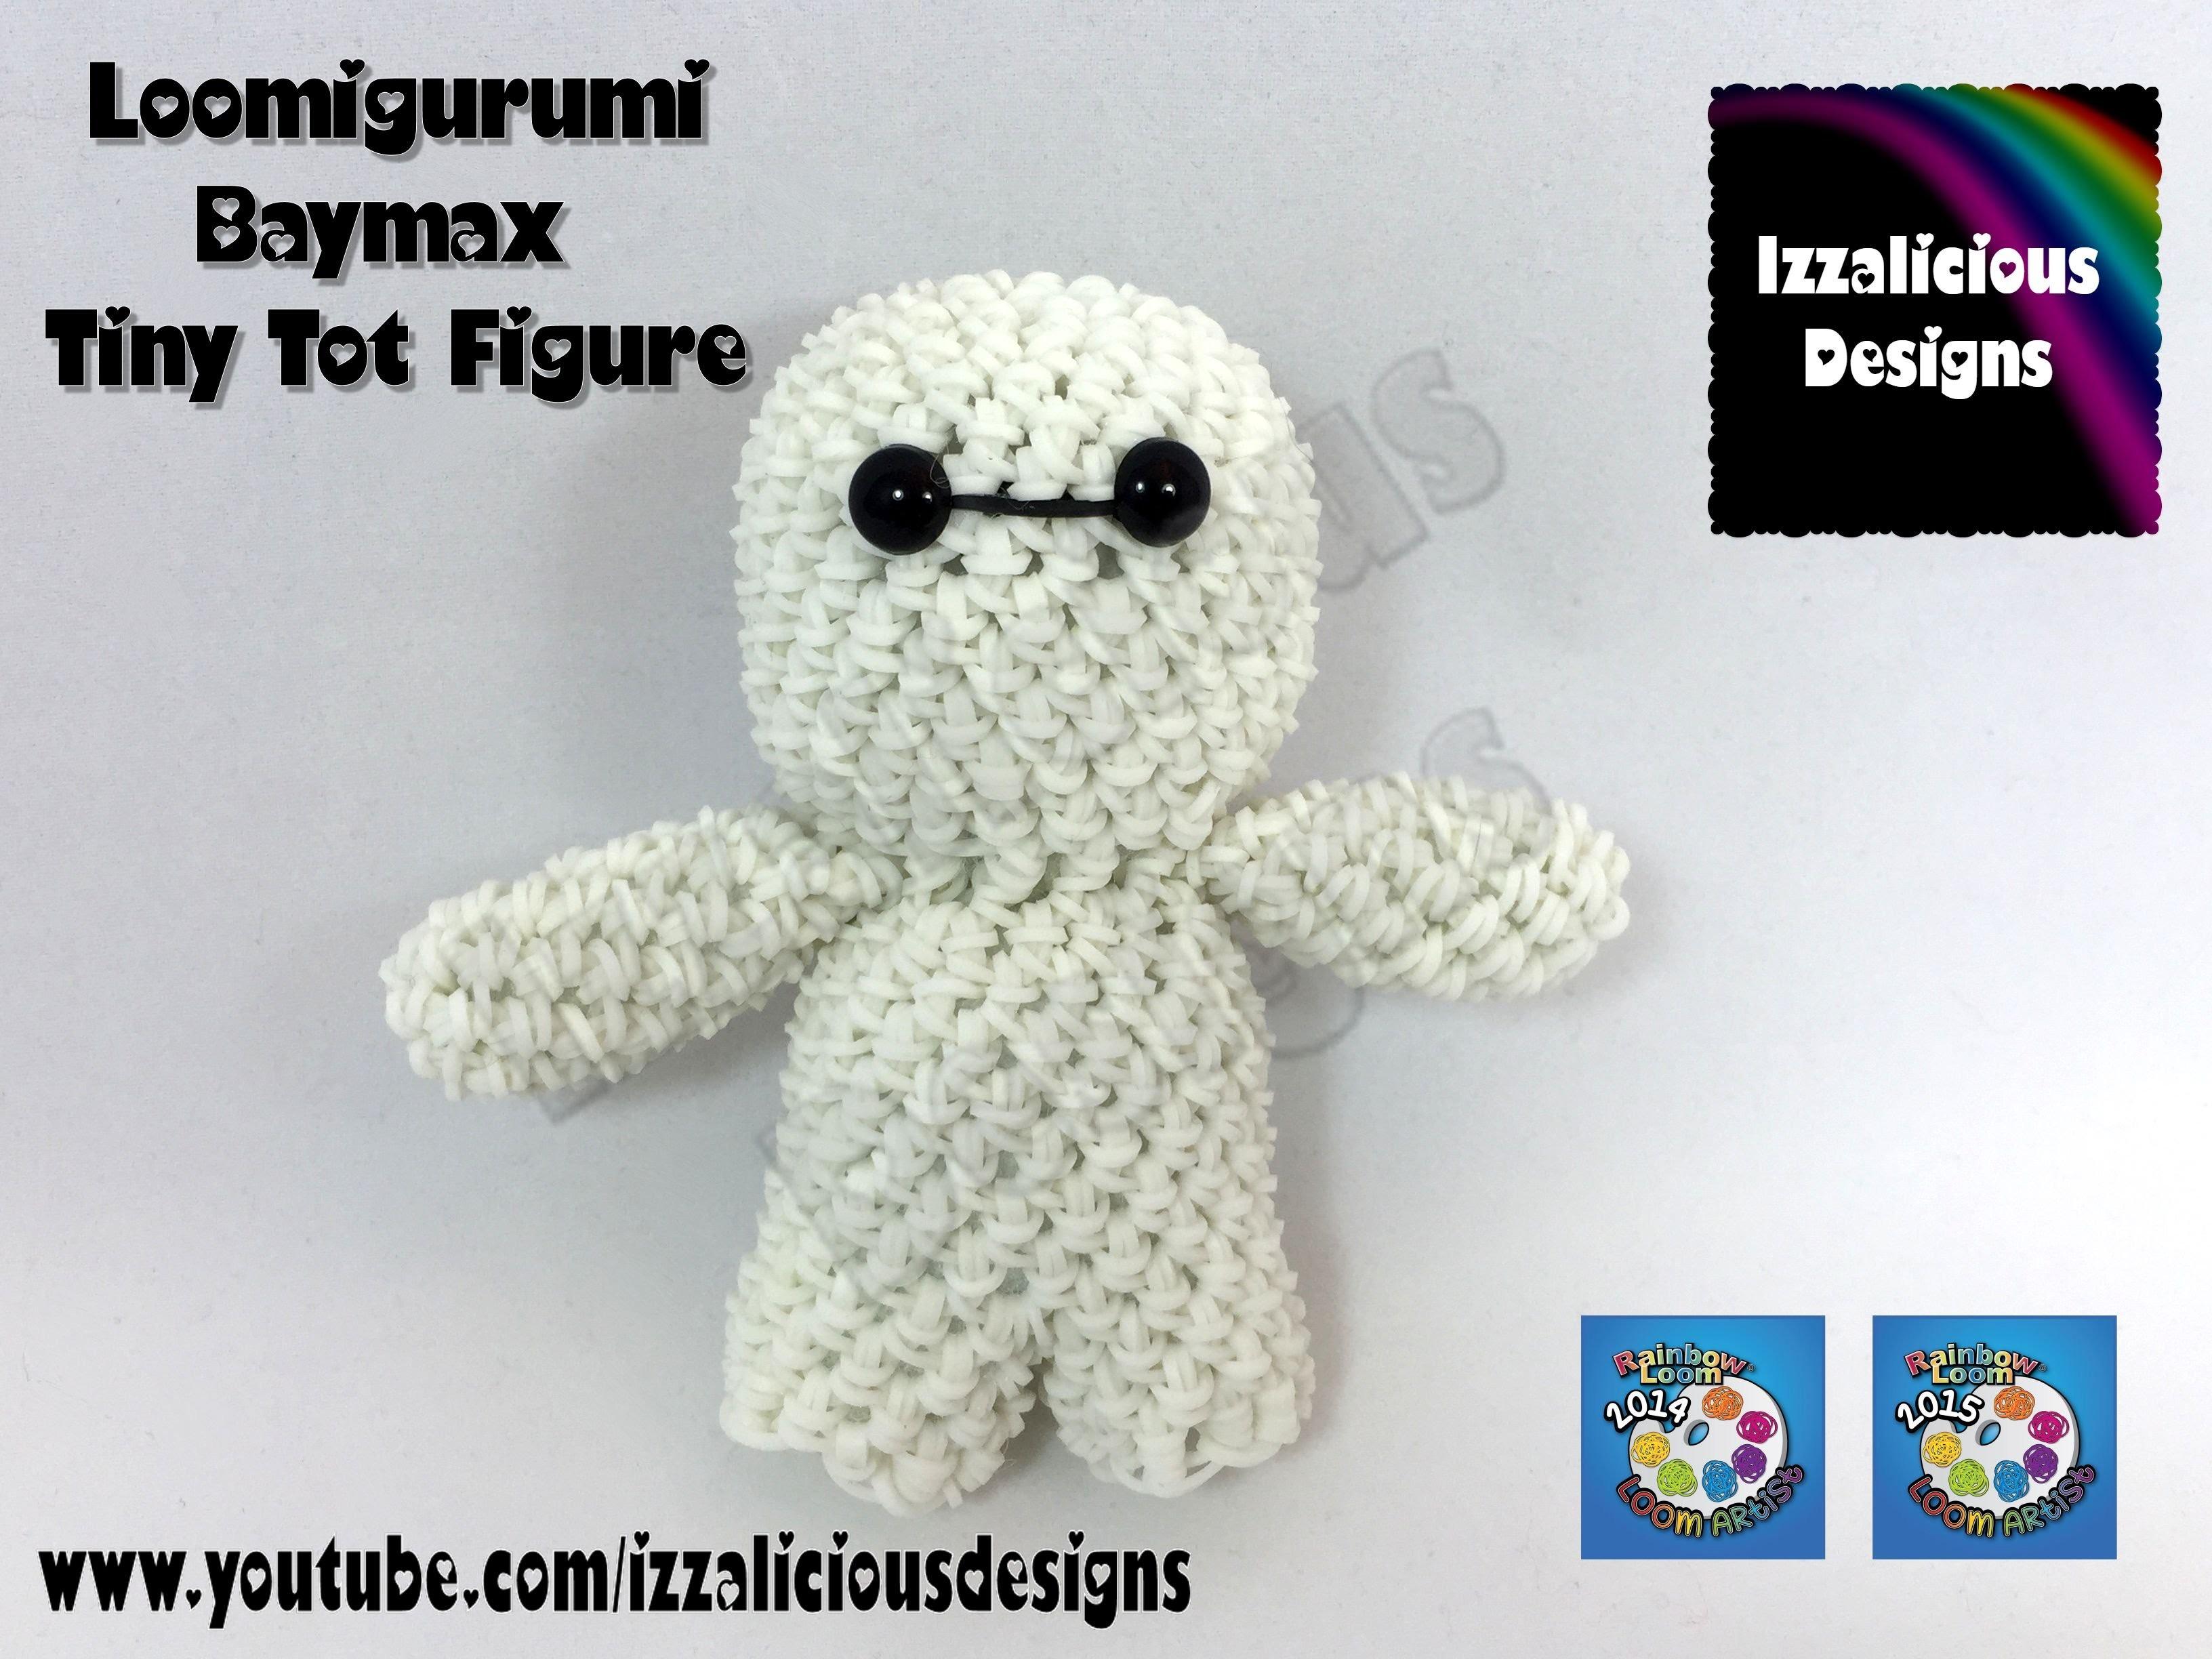 Loomigurumi Baymax Tiny Tot Figure - hook only - amigurumi with Rainbow Loom Bands